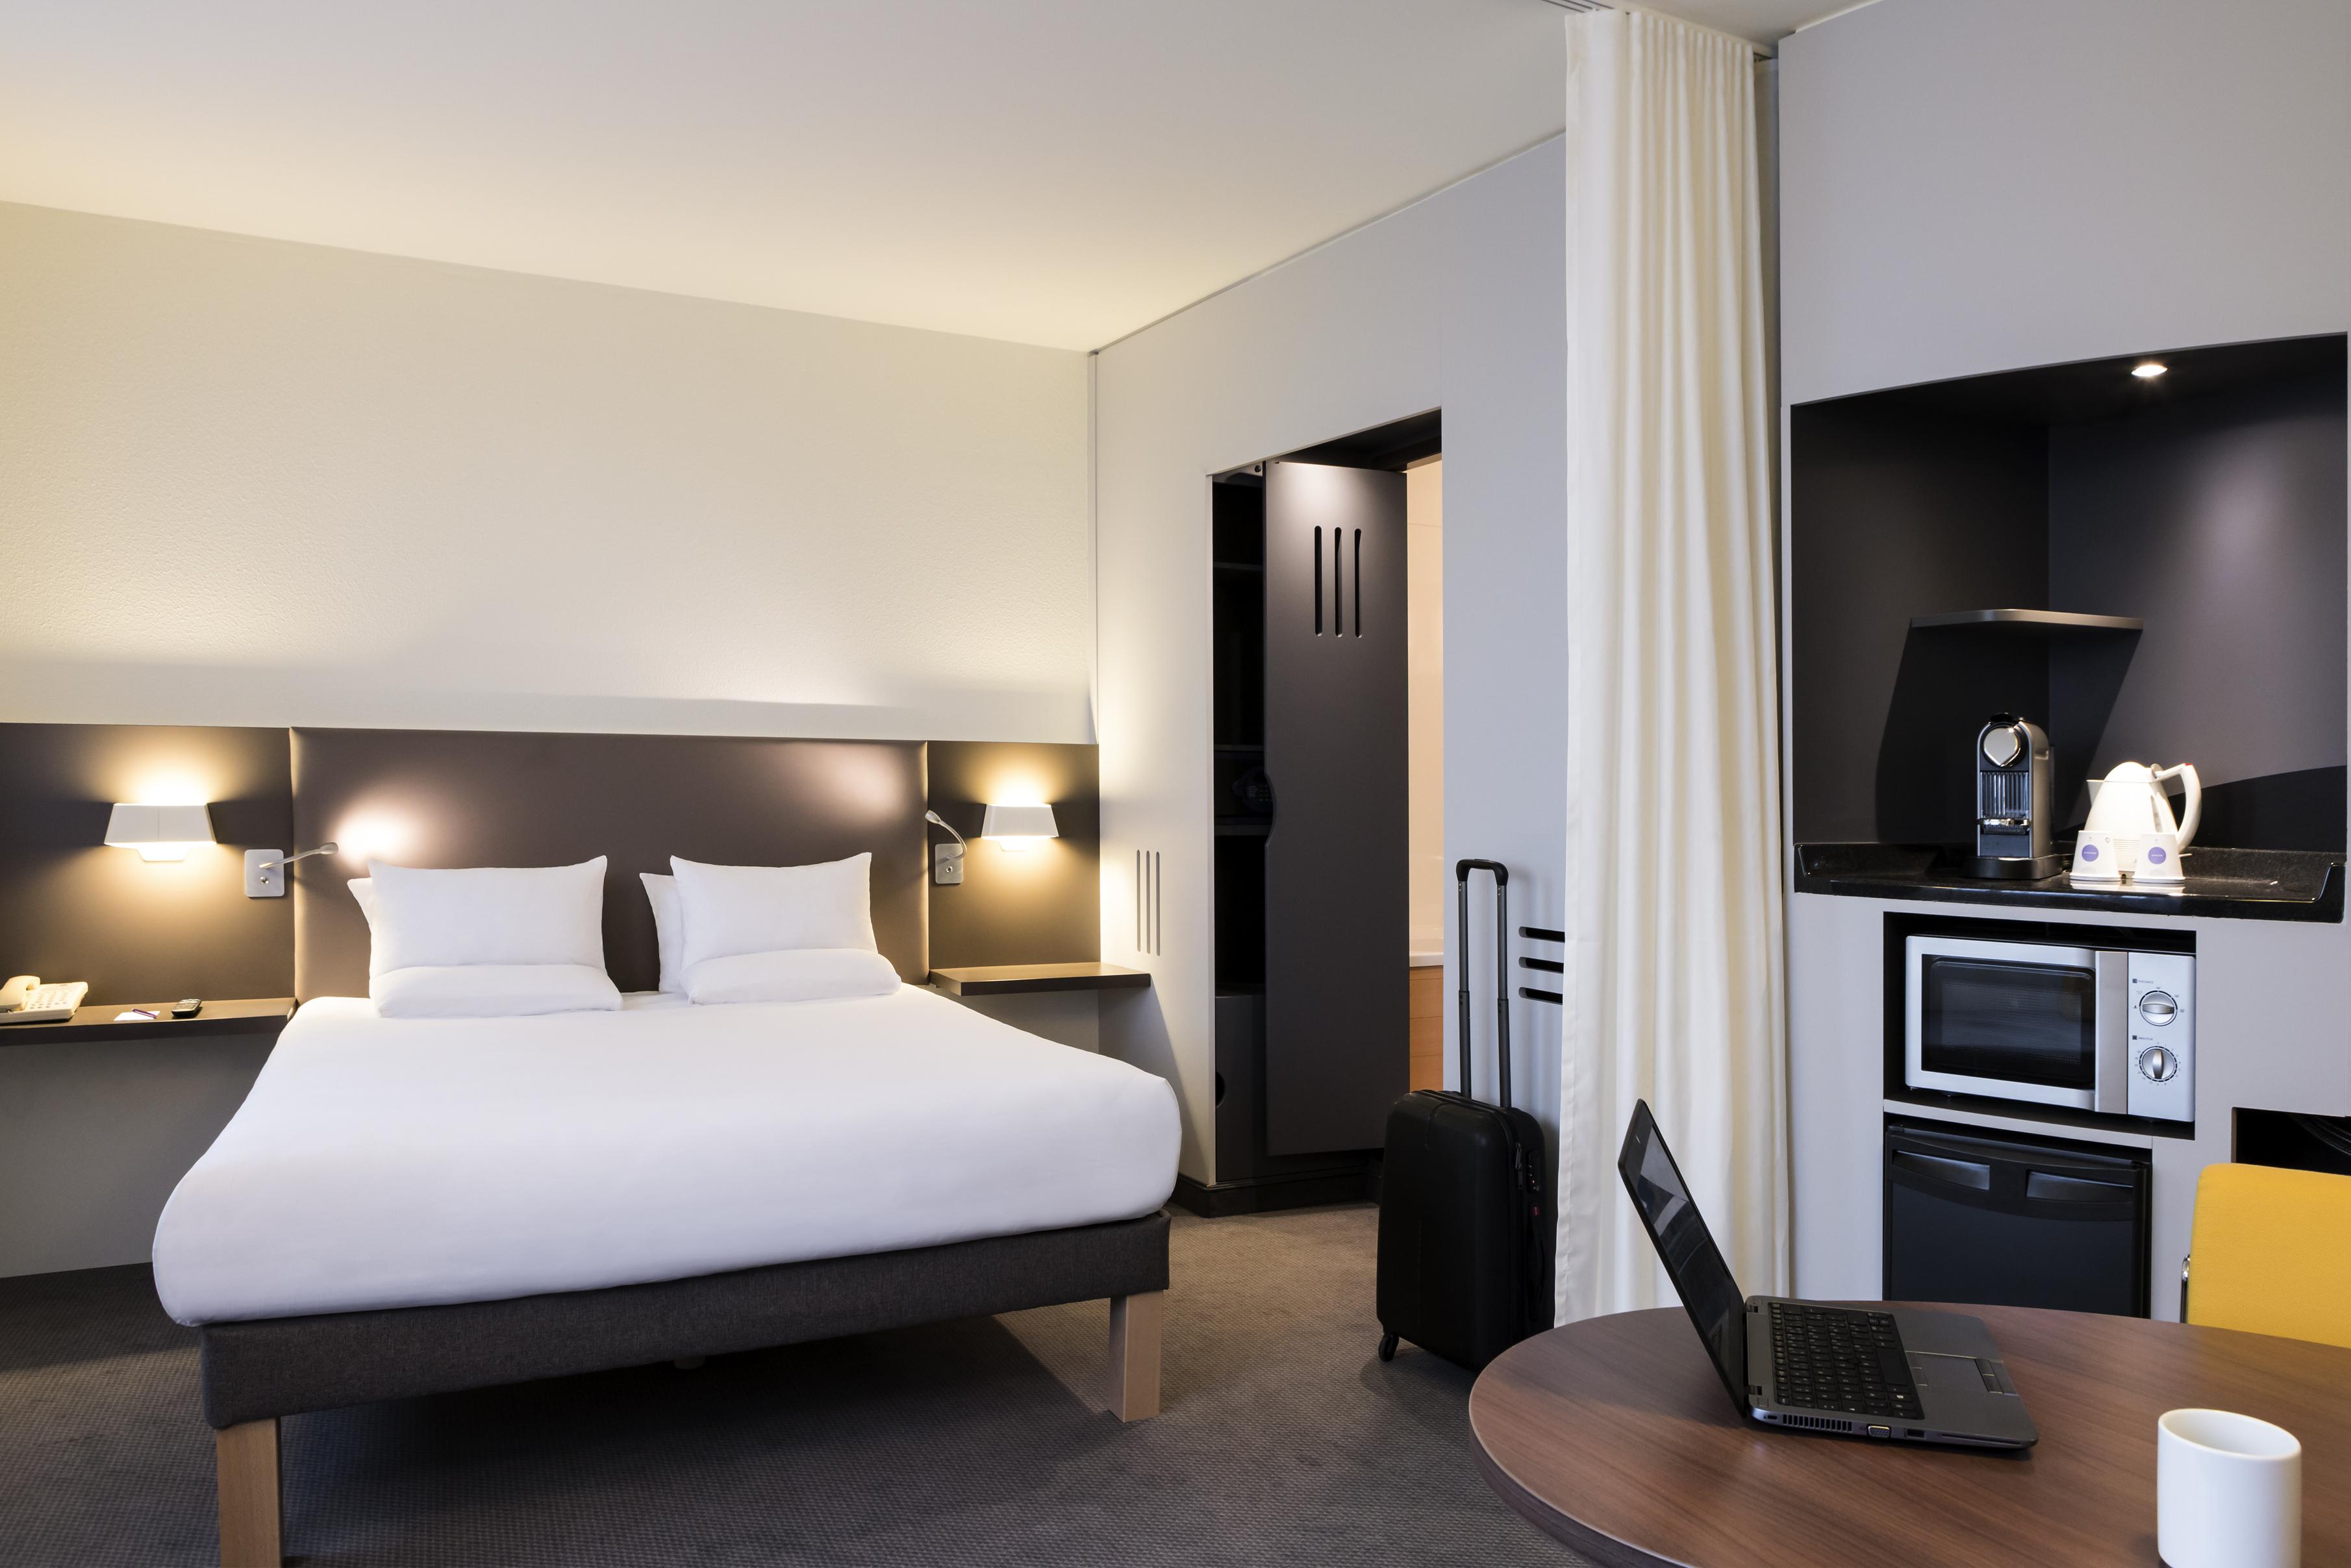 Novotel Suites Paris Cdg Airp., Val-d'Oise